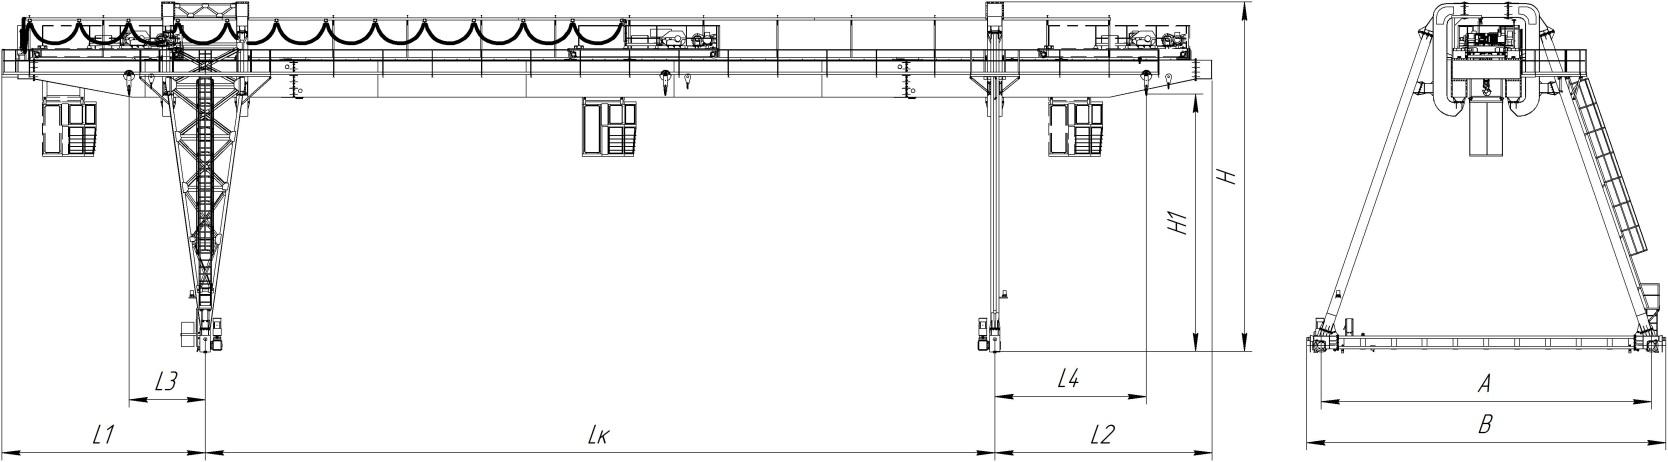 Краны козловые двухбалочные , управление из подвижной кабины, режим работы А6